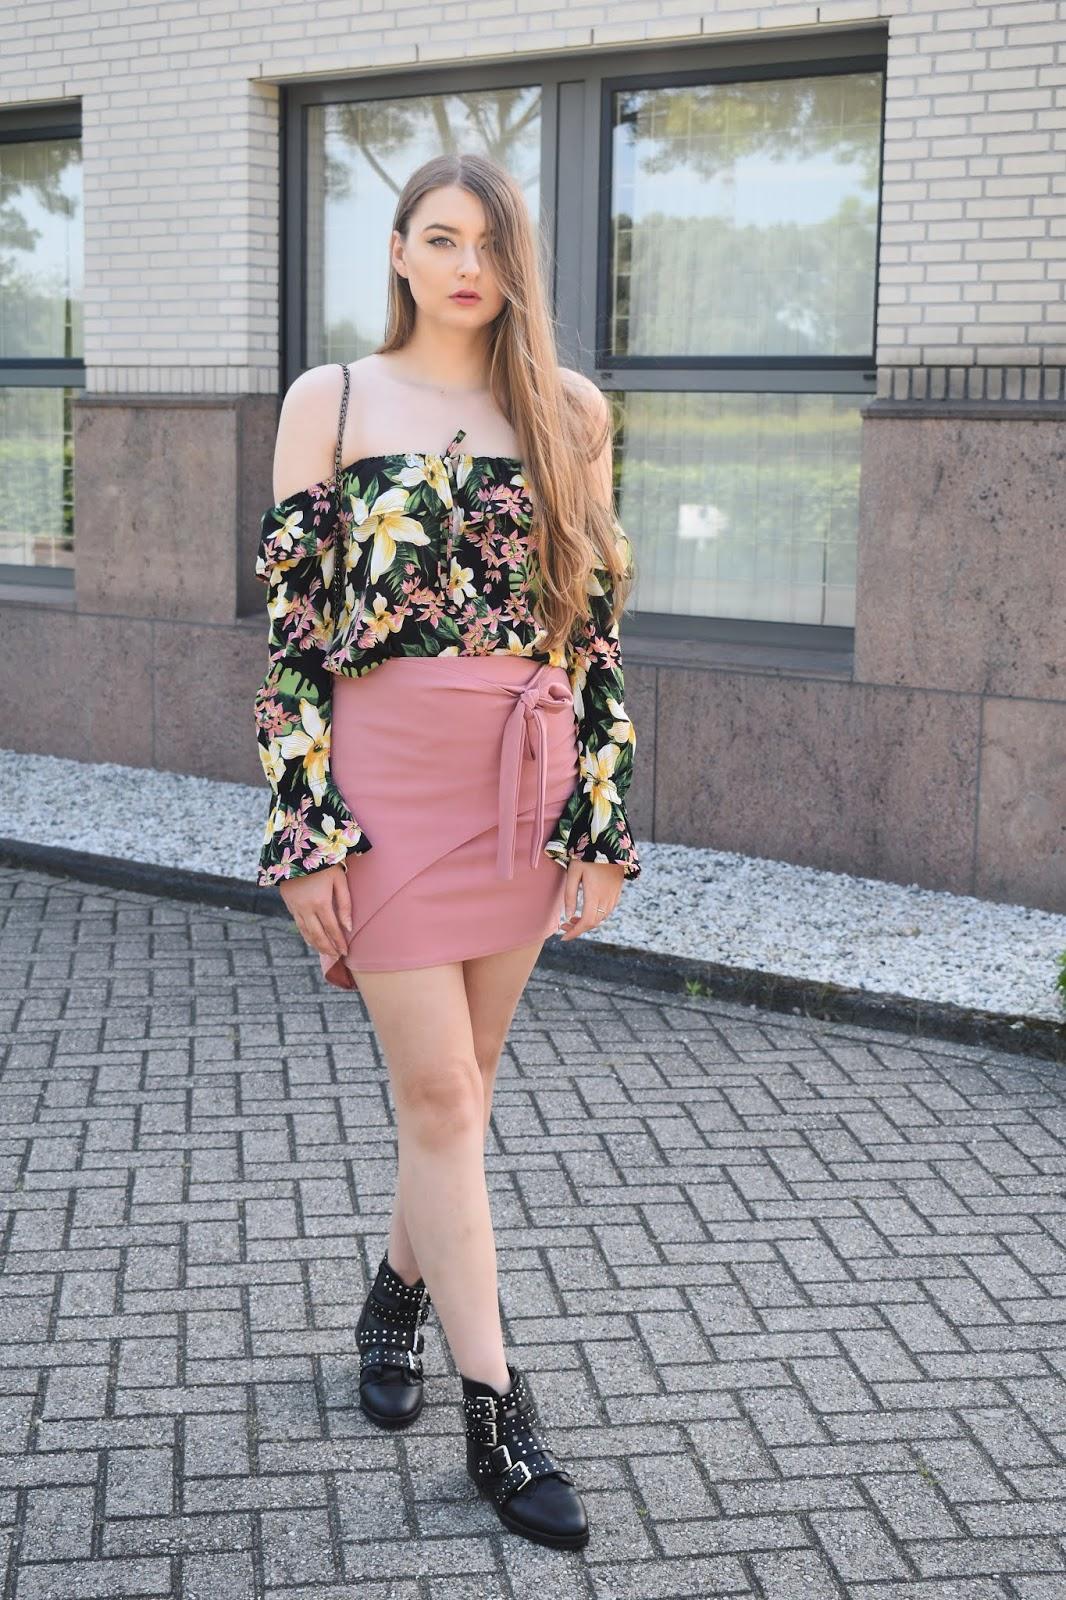 różowa spódnica jak ja nosić?